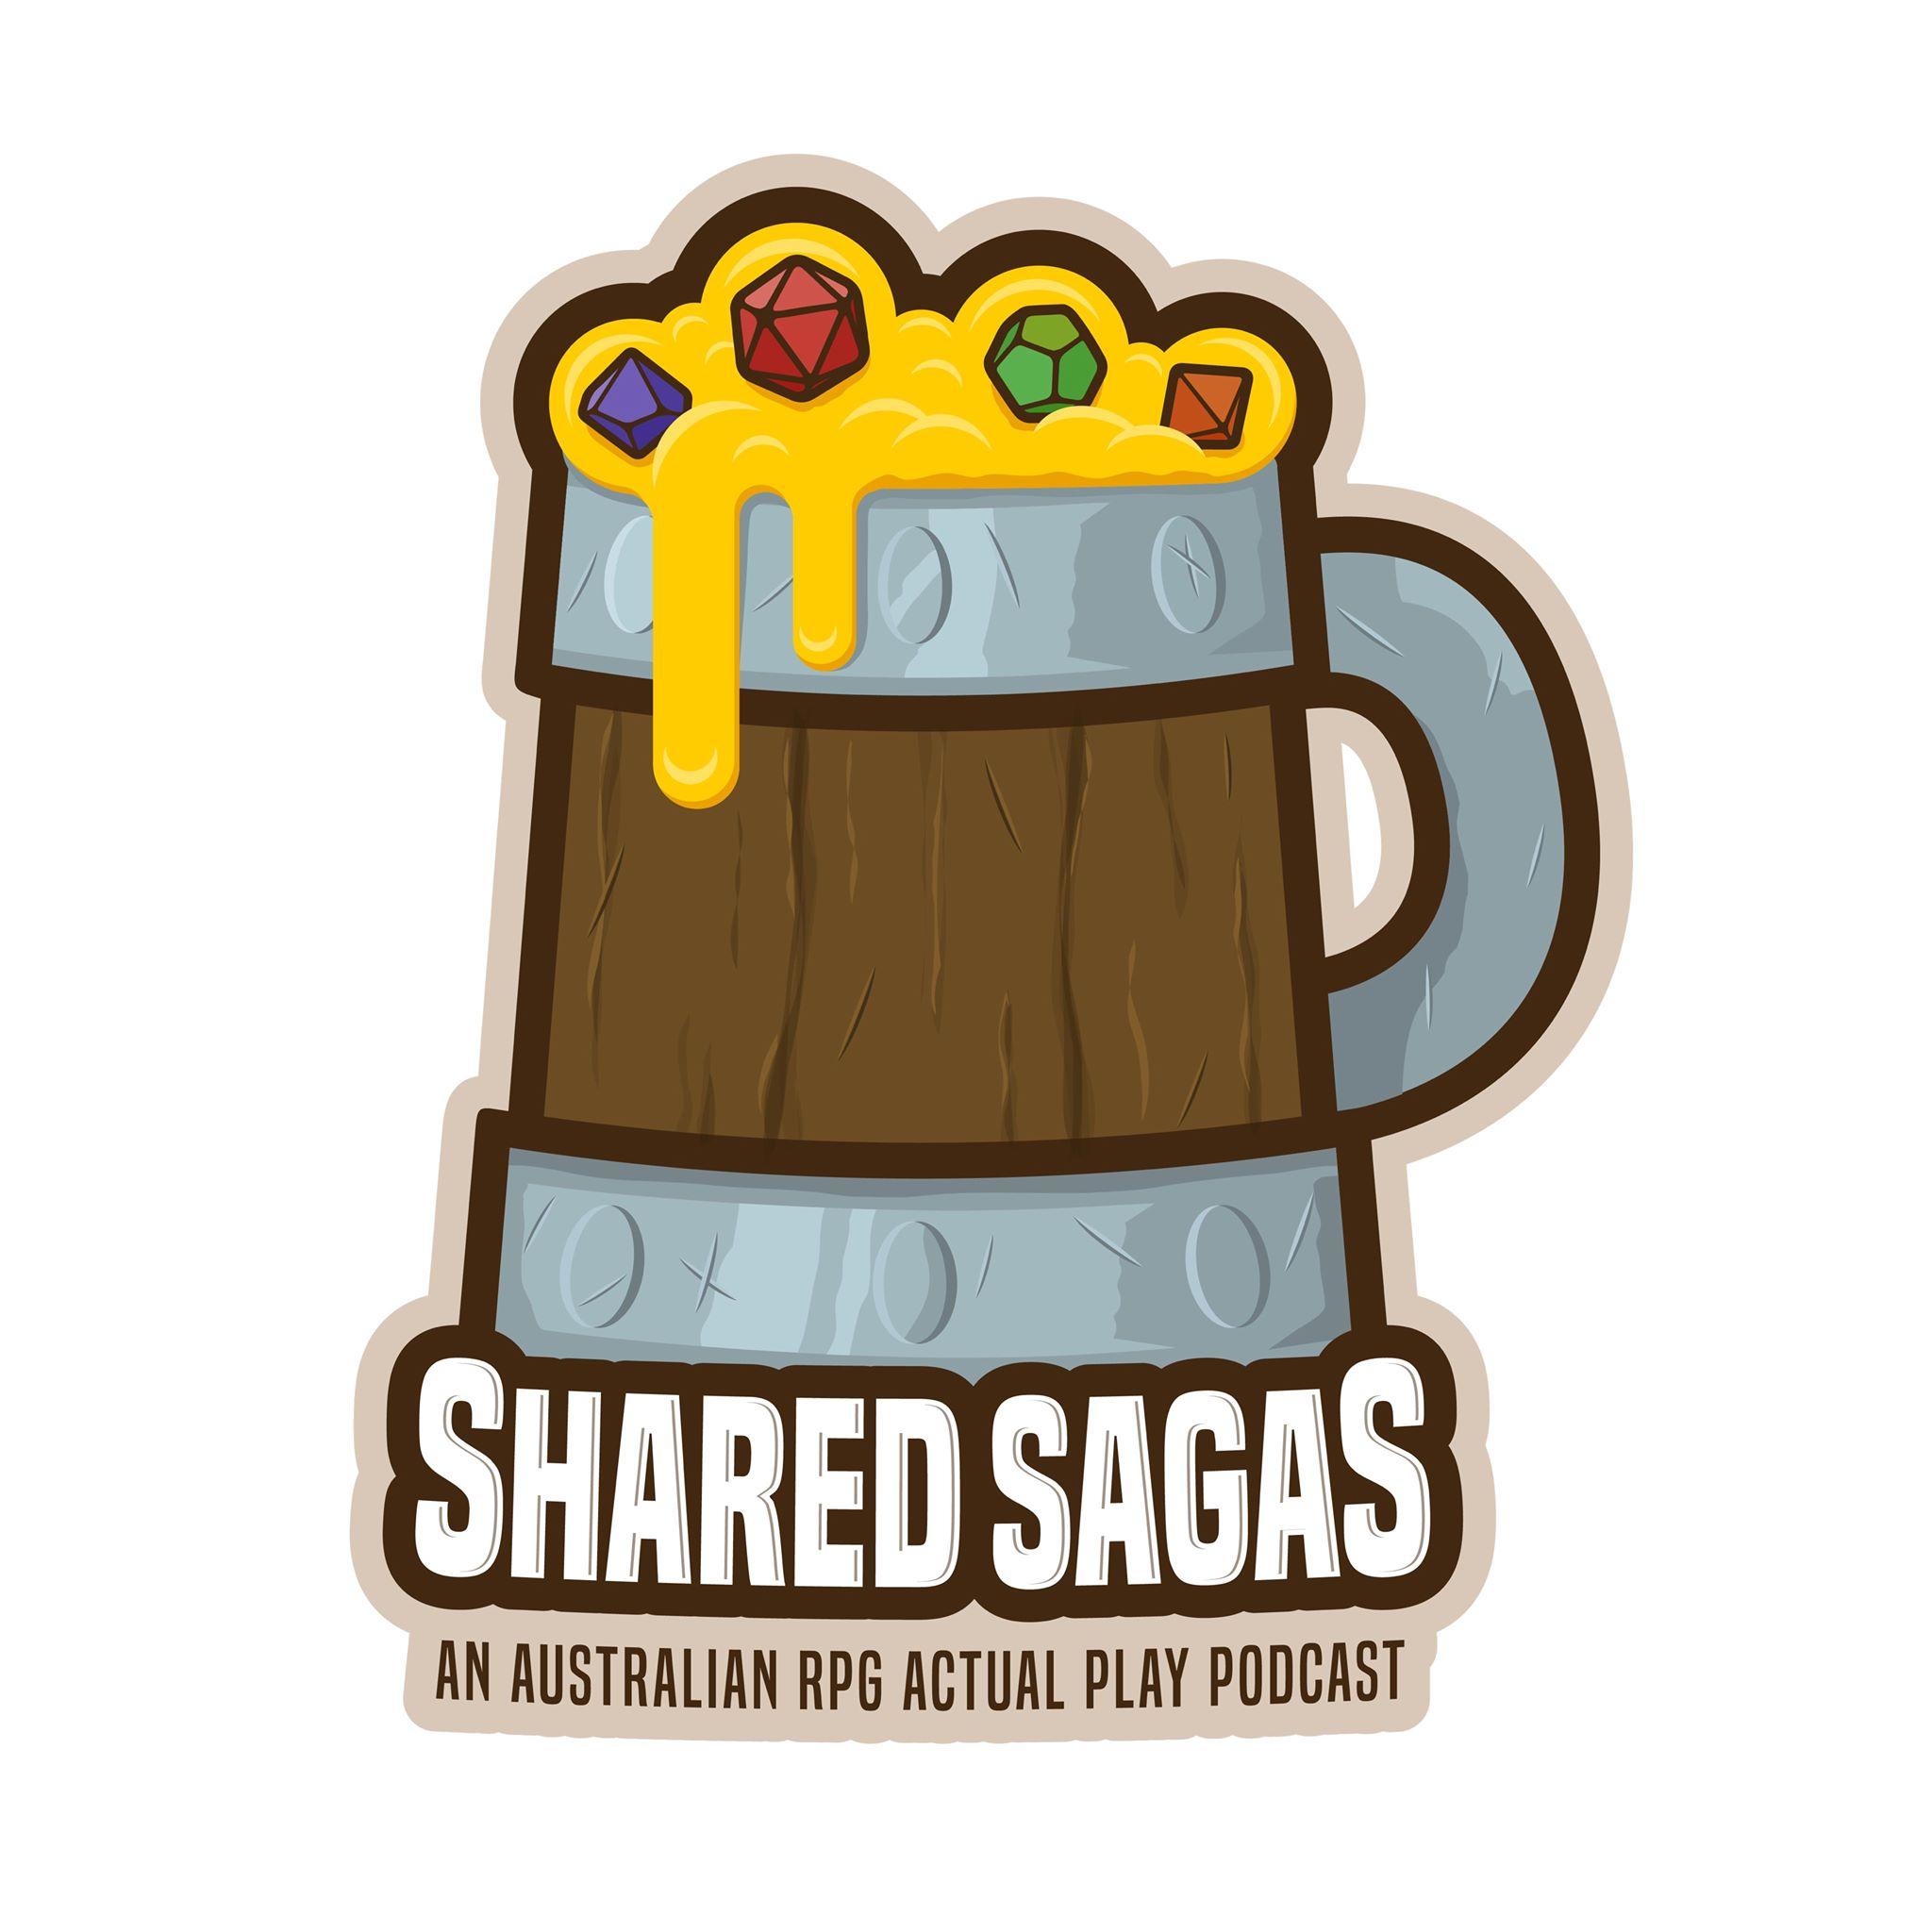 sharedsagas.podbean.com